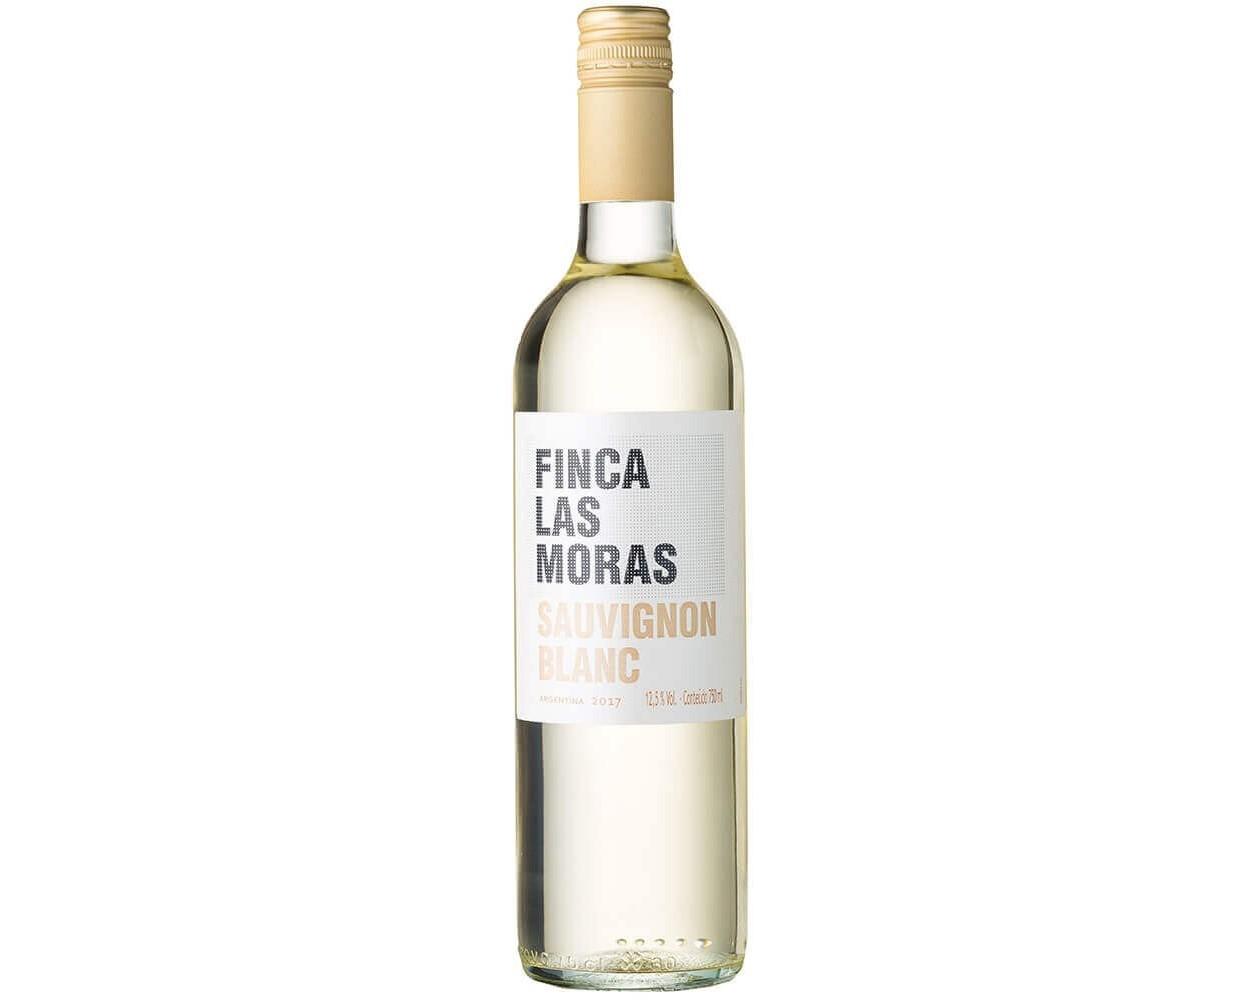 VINHO FINCA LAS MORAS SAUVIGNON BLANC